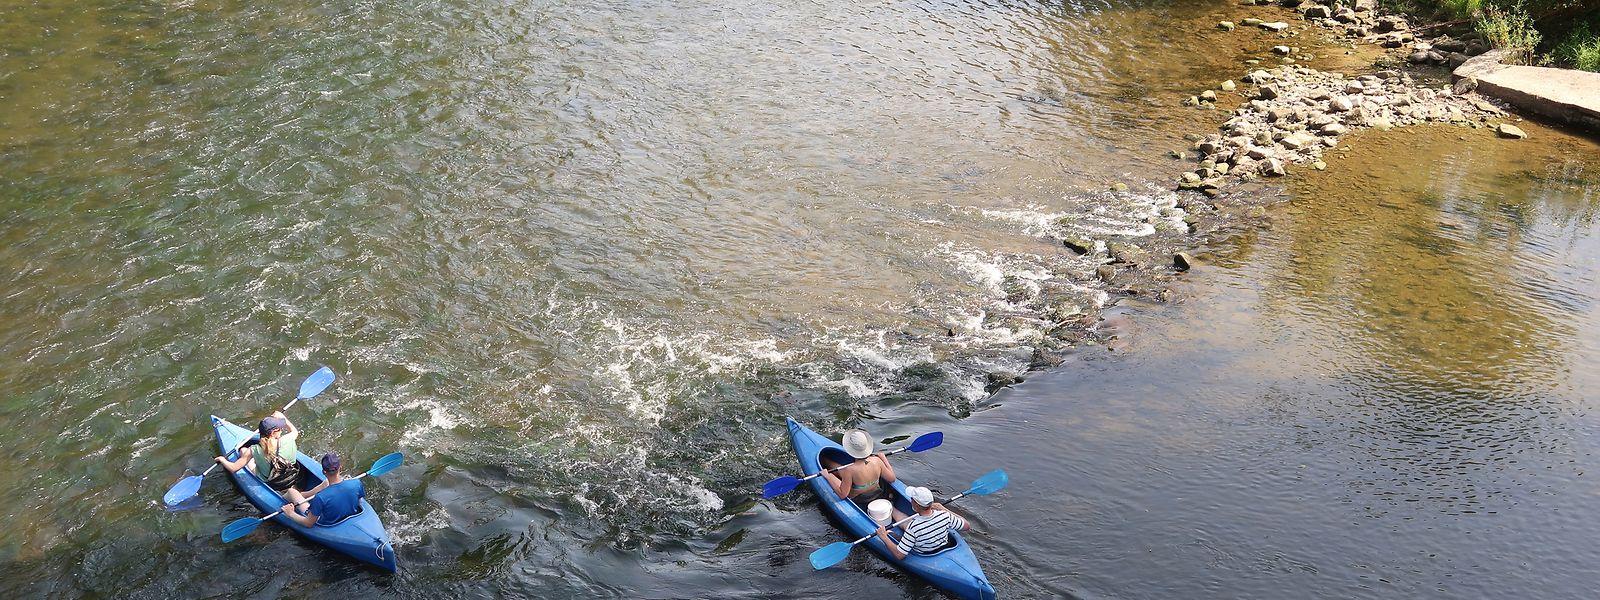 An sonnigen Tagen fahren unzählige Kanus die Sauer in Richtung Wasserbillig hinunter.